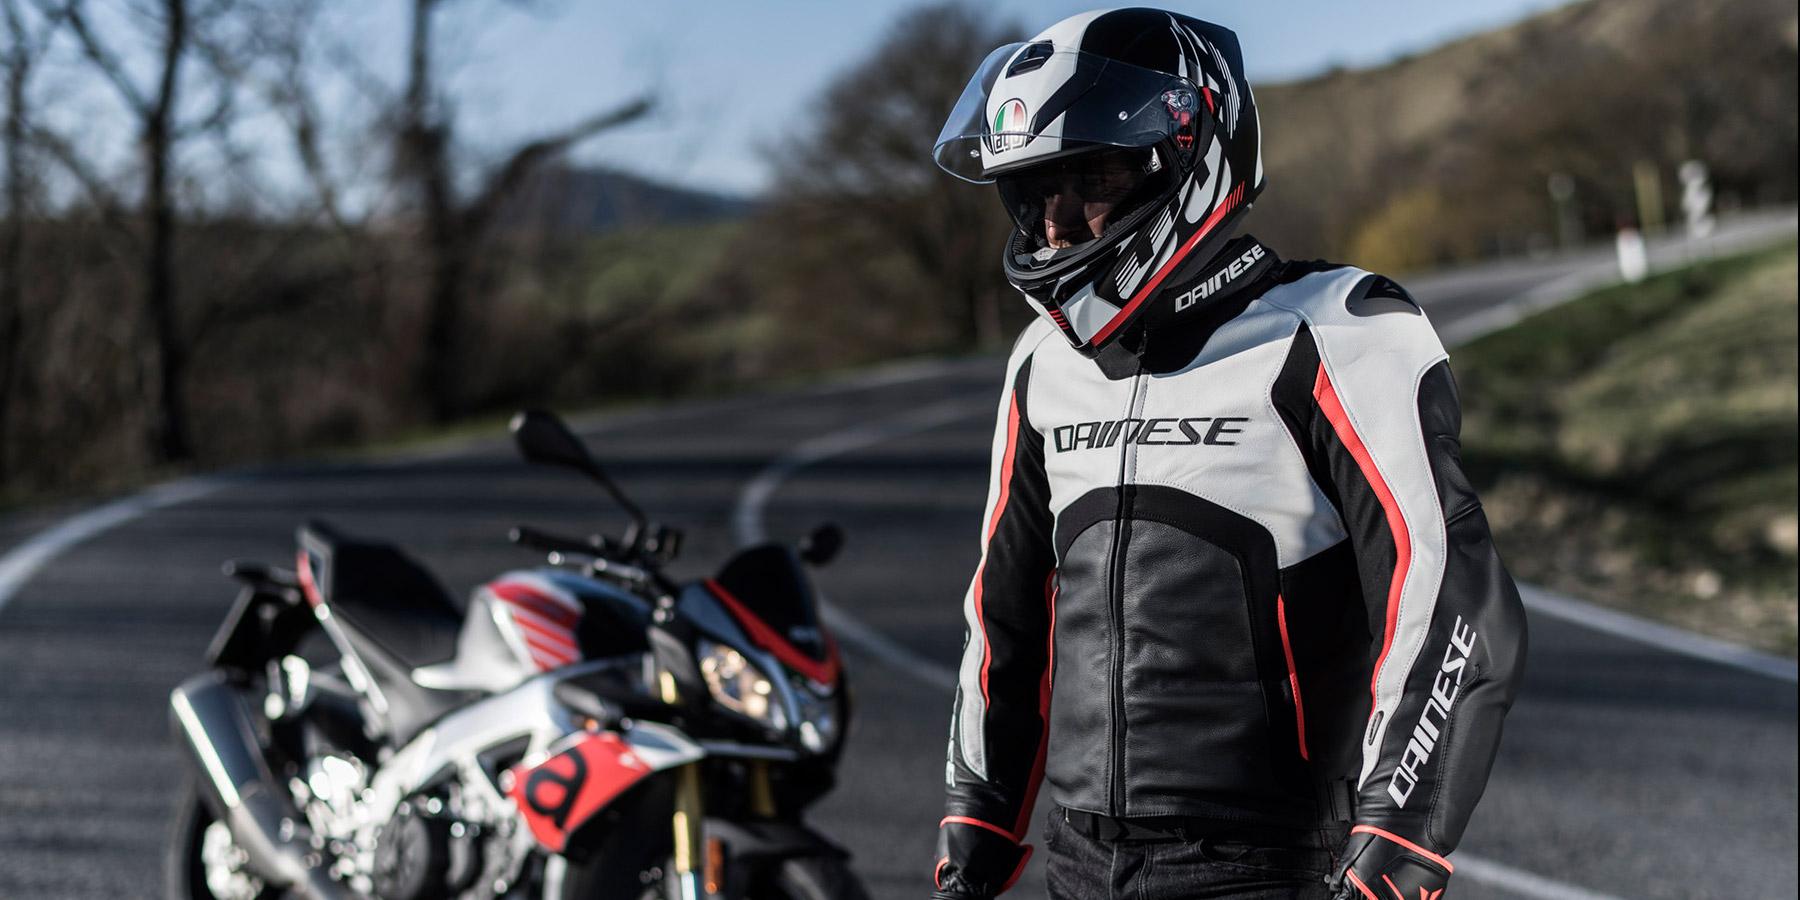 Cascos Black Friday 2017 en Motorbike store